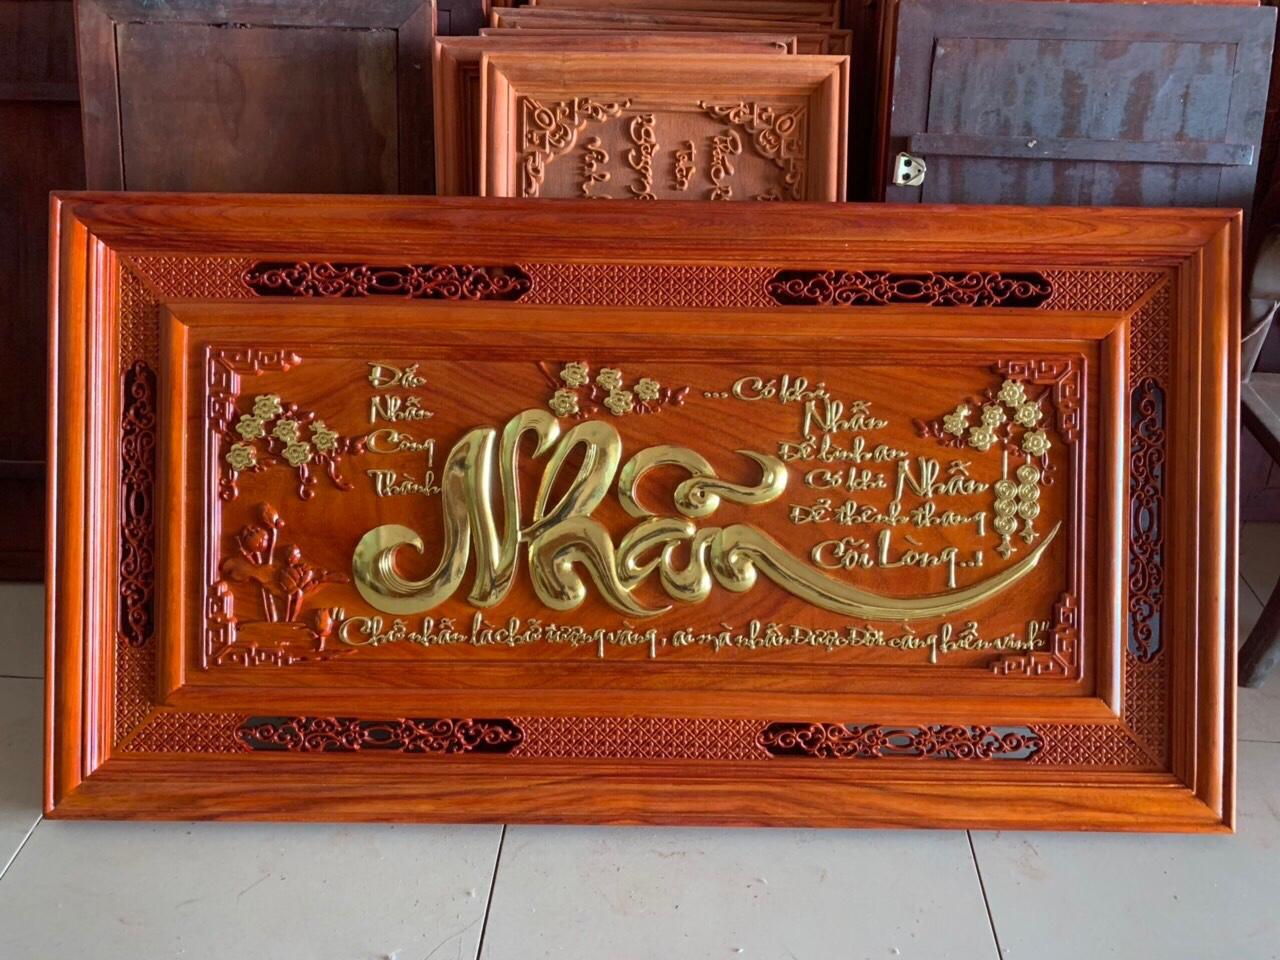 Tranh gỗ cao cấp - tranh chữ nhẫn - 127 x 67 x 4 - NQ25 - cChaats liệu gỗ hương